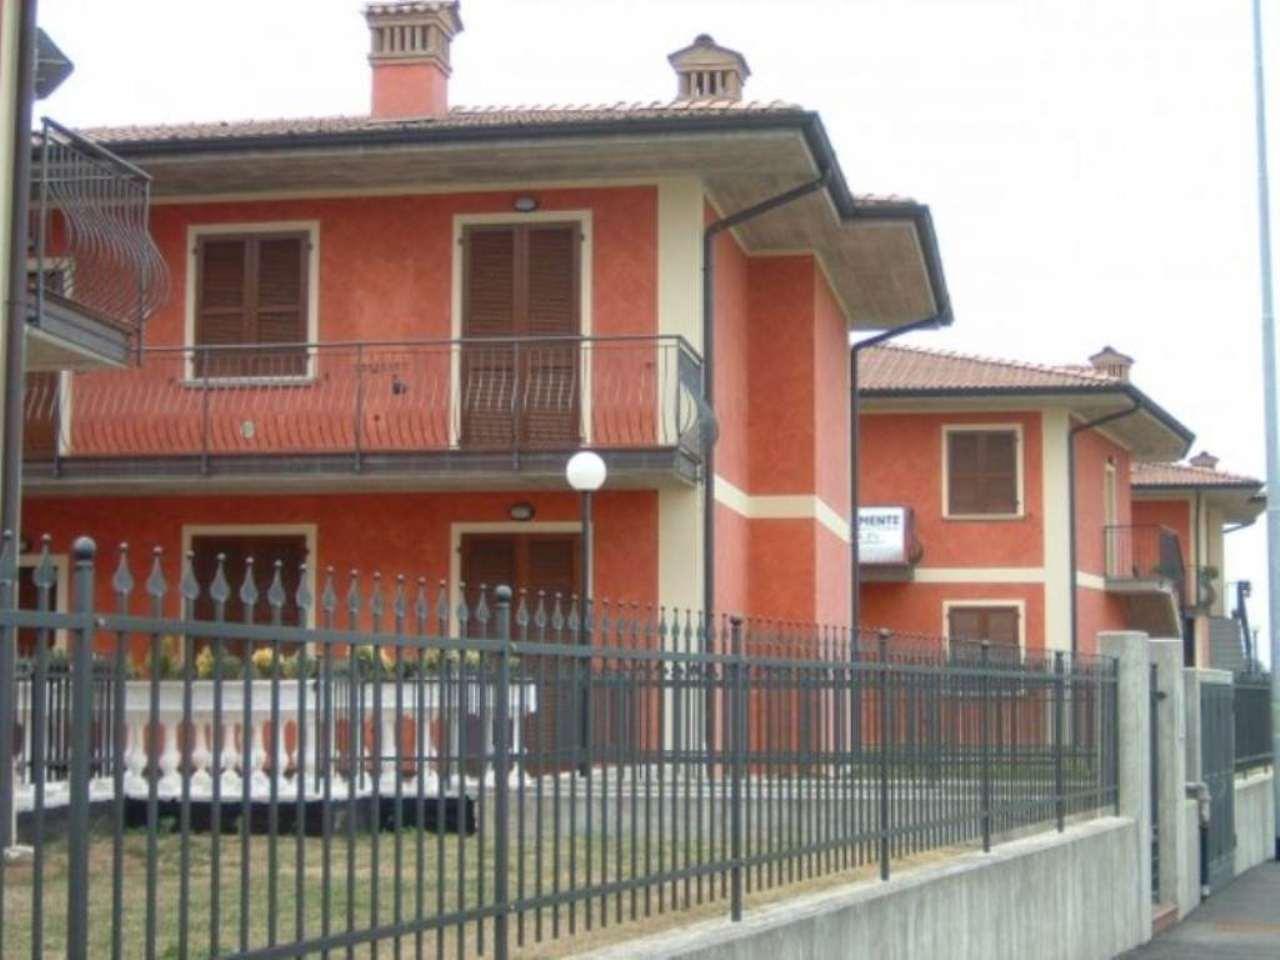 Appartamento in vendita a Capriano del Colle, 3 locali, prezzo € 99.000 | PortaleAgenzieImmobiliari.it